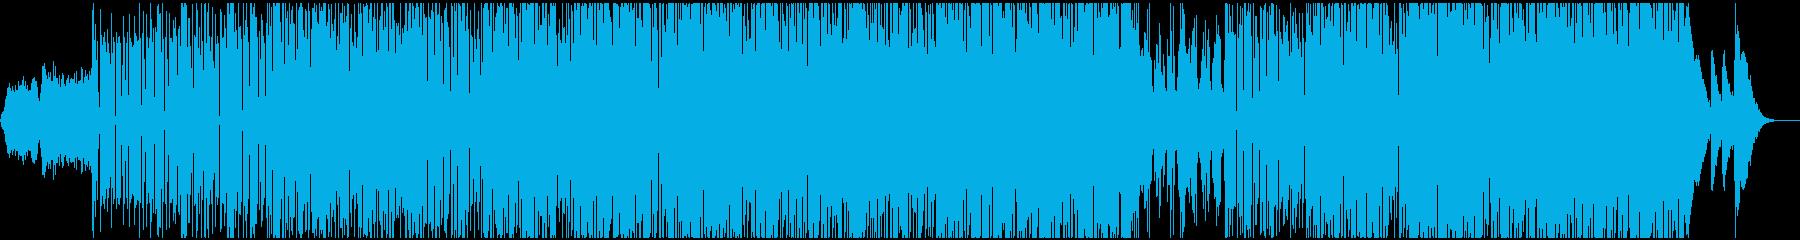 ミッドテンポのステディなリズムのテクノの再生済みの波形